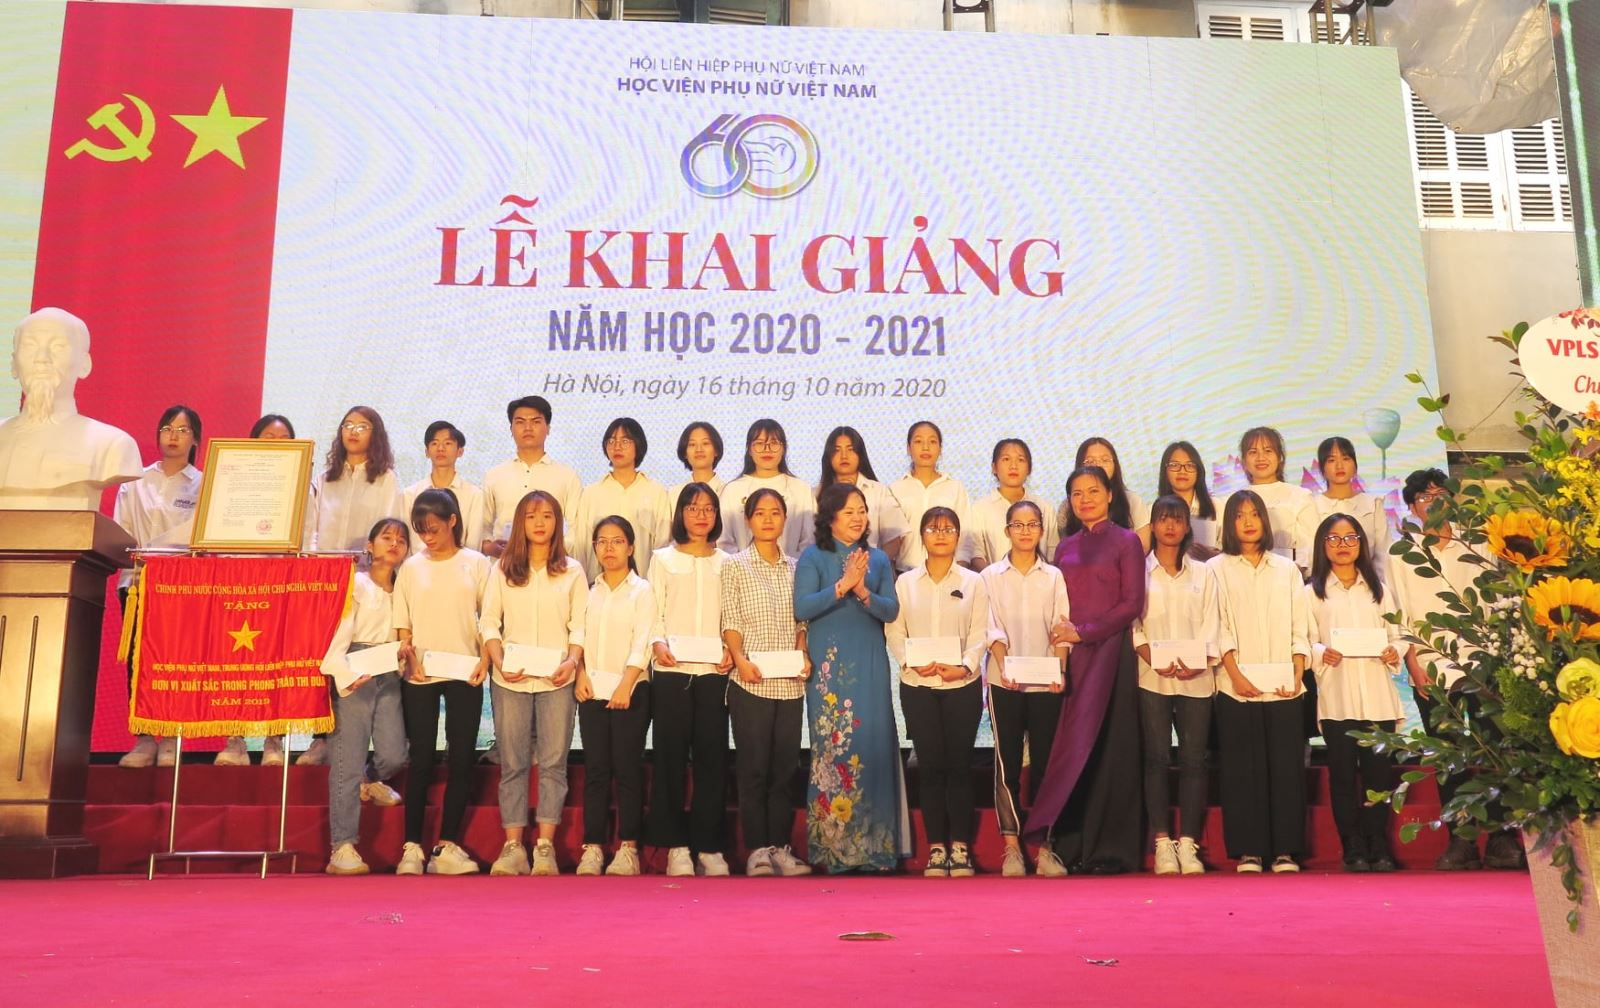 Trao tặng học bổng cho Tân sinh viên Học viện Phụ nữ Việt Nam